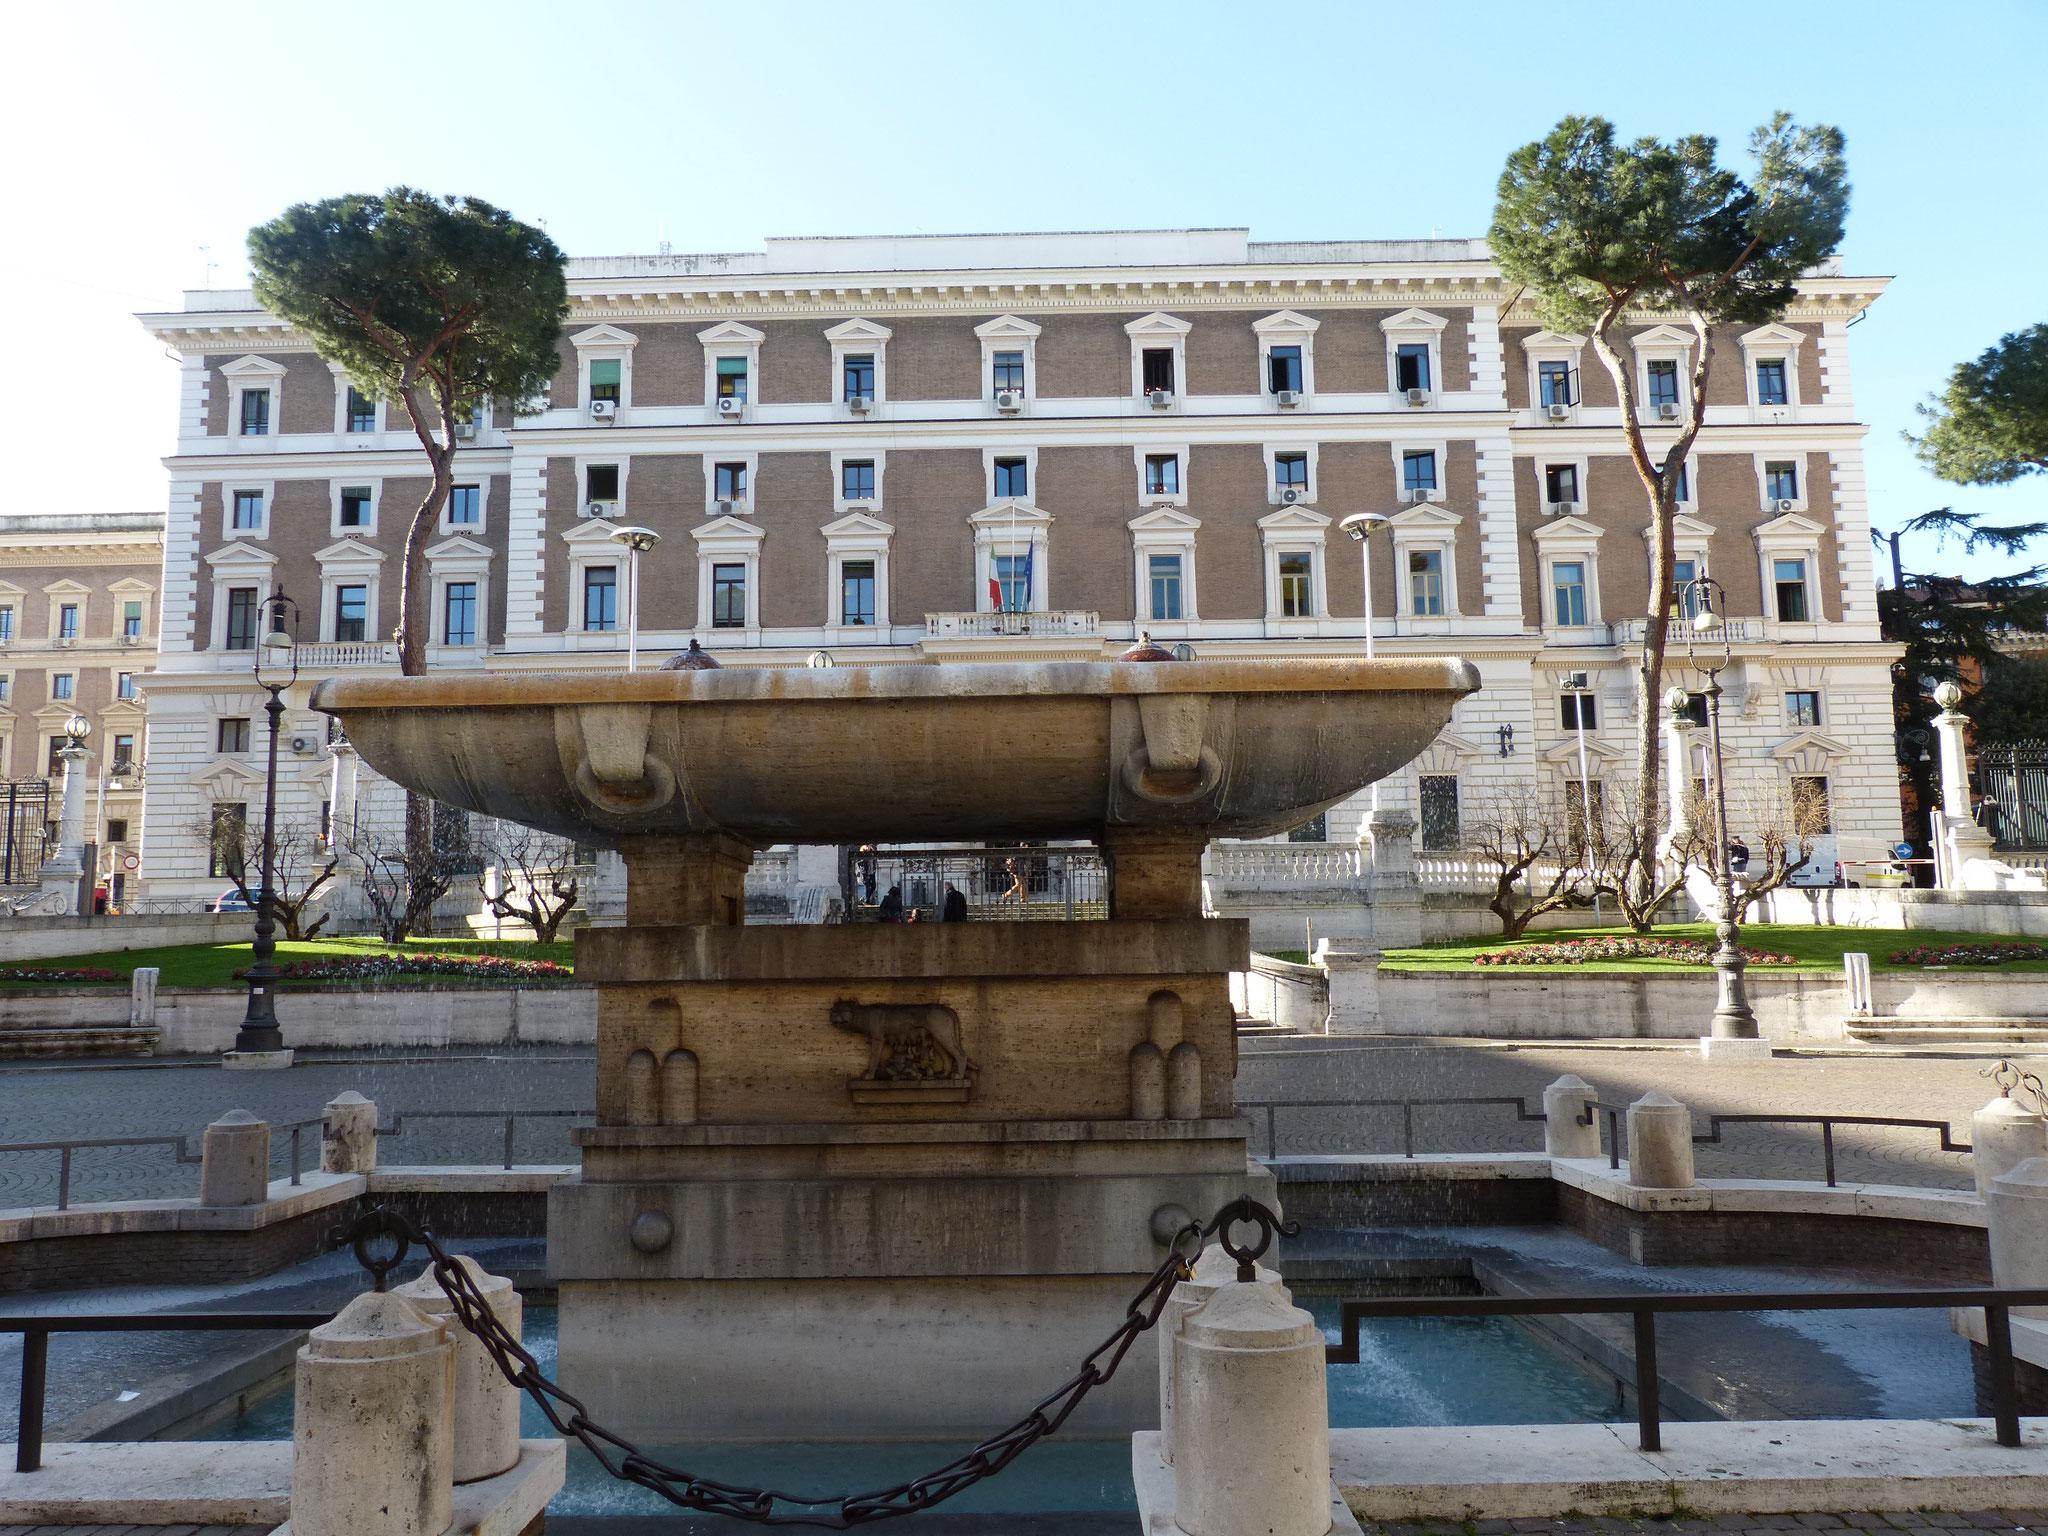 Das Vimimale - Sitz des italienischen Innenministeriums